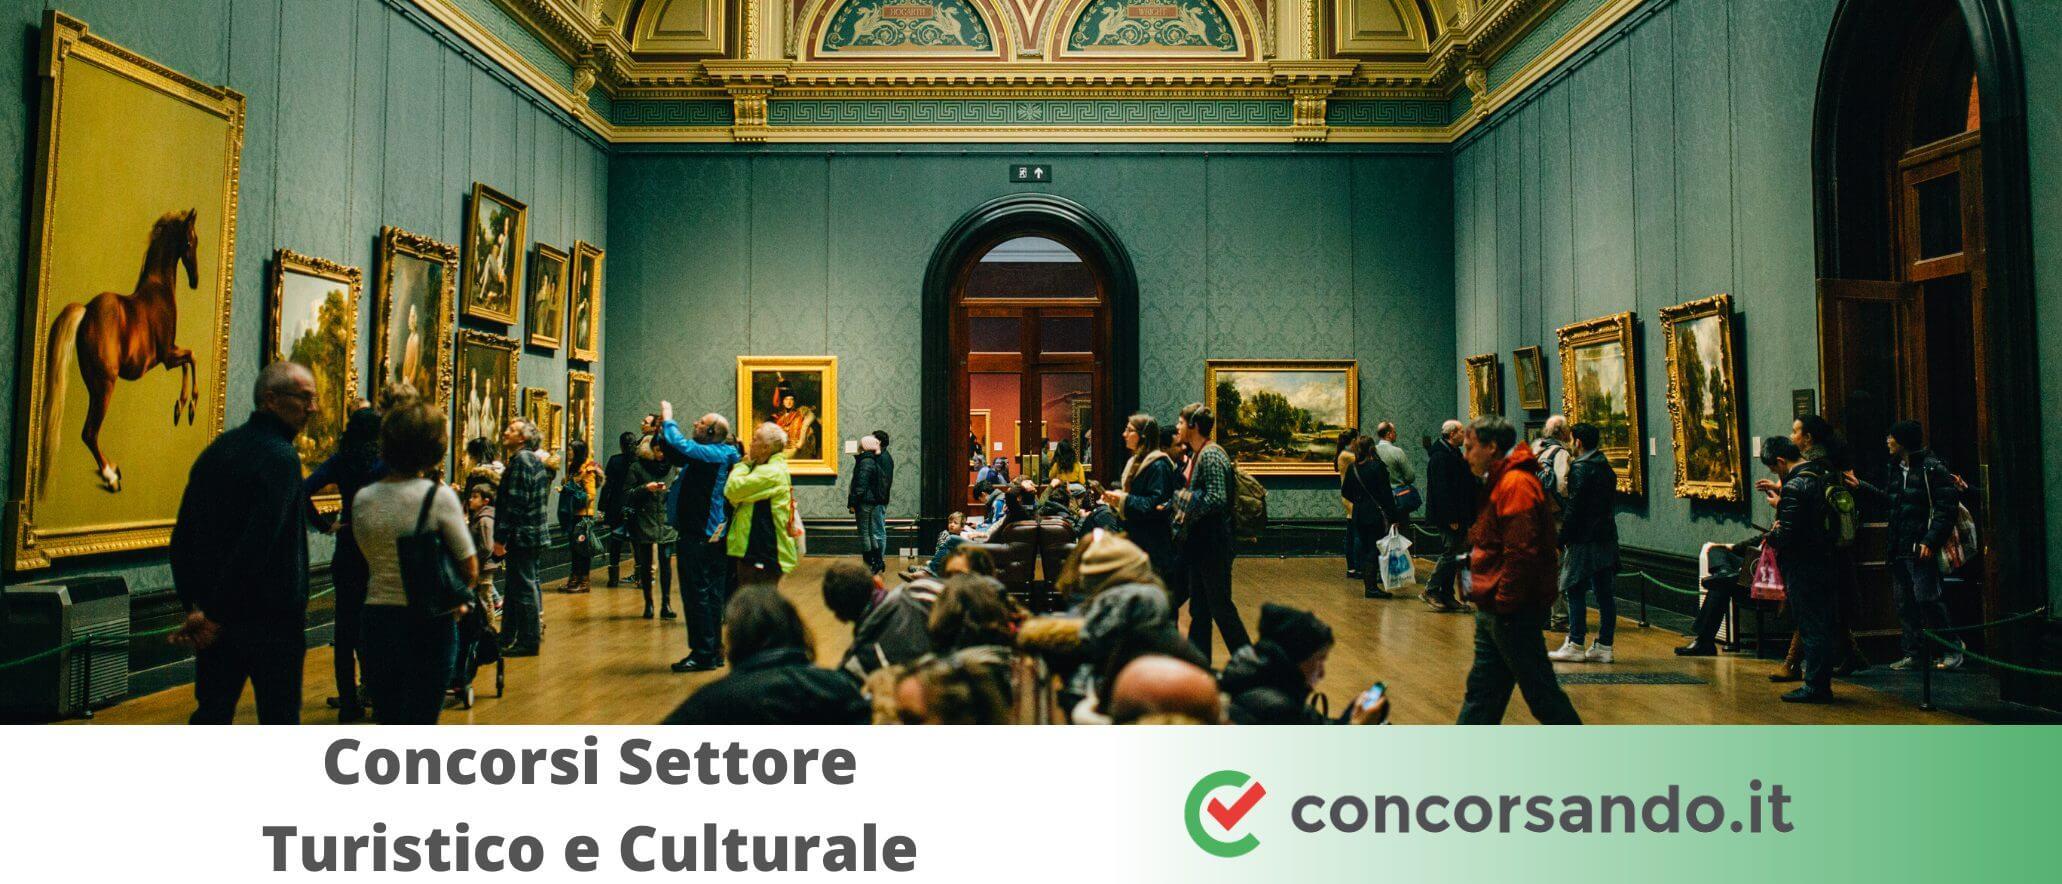 Concorsi Settore Turistico e Culturale